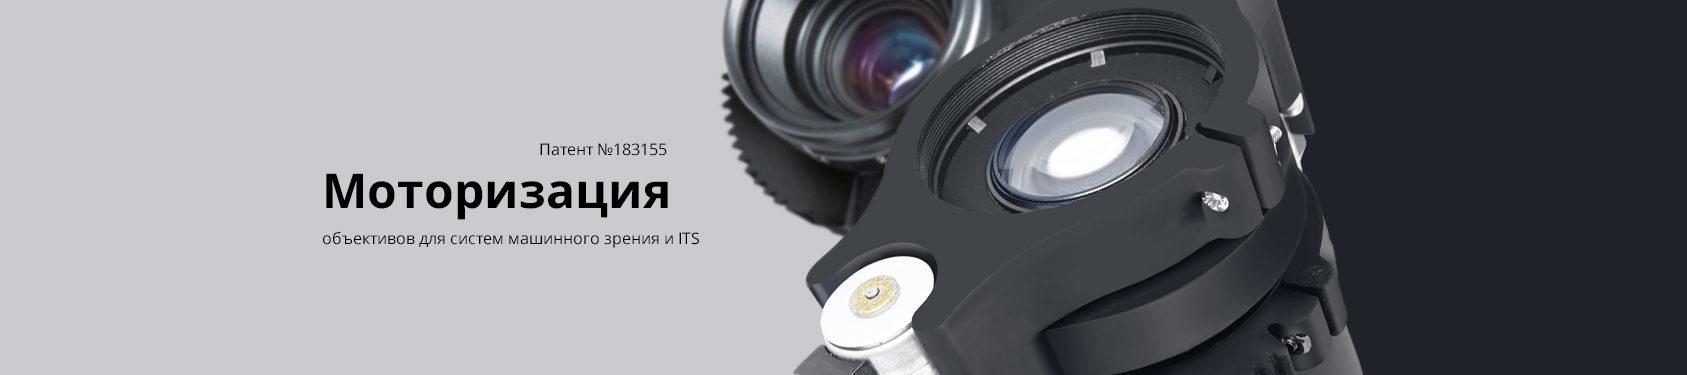 Моторизация объективов для систем машинного зрения